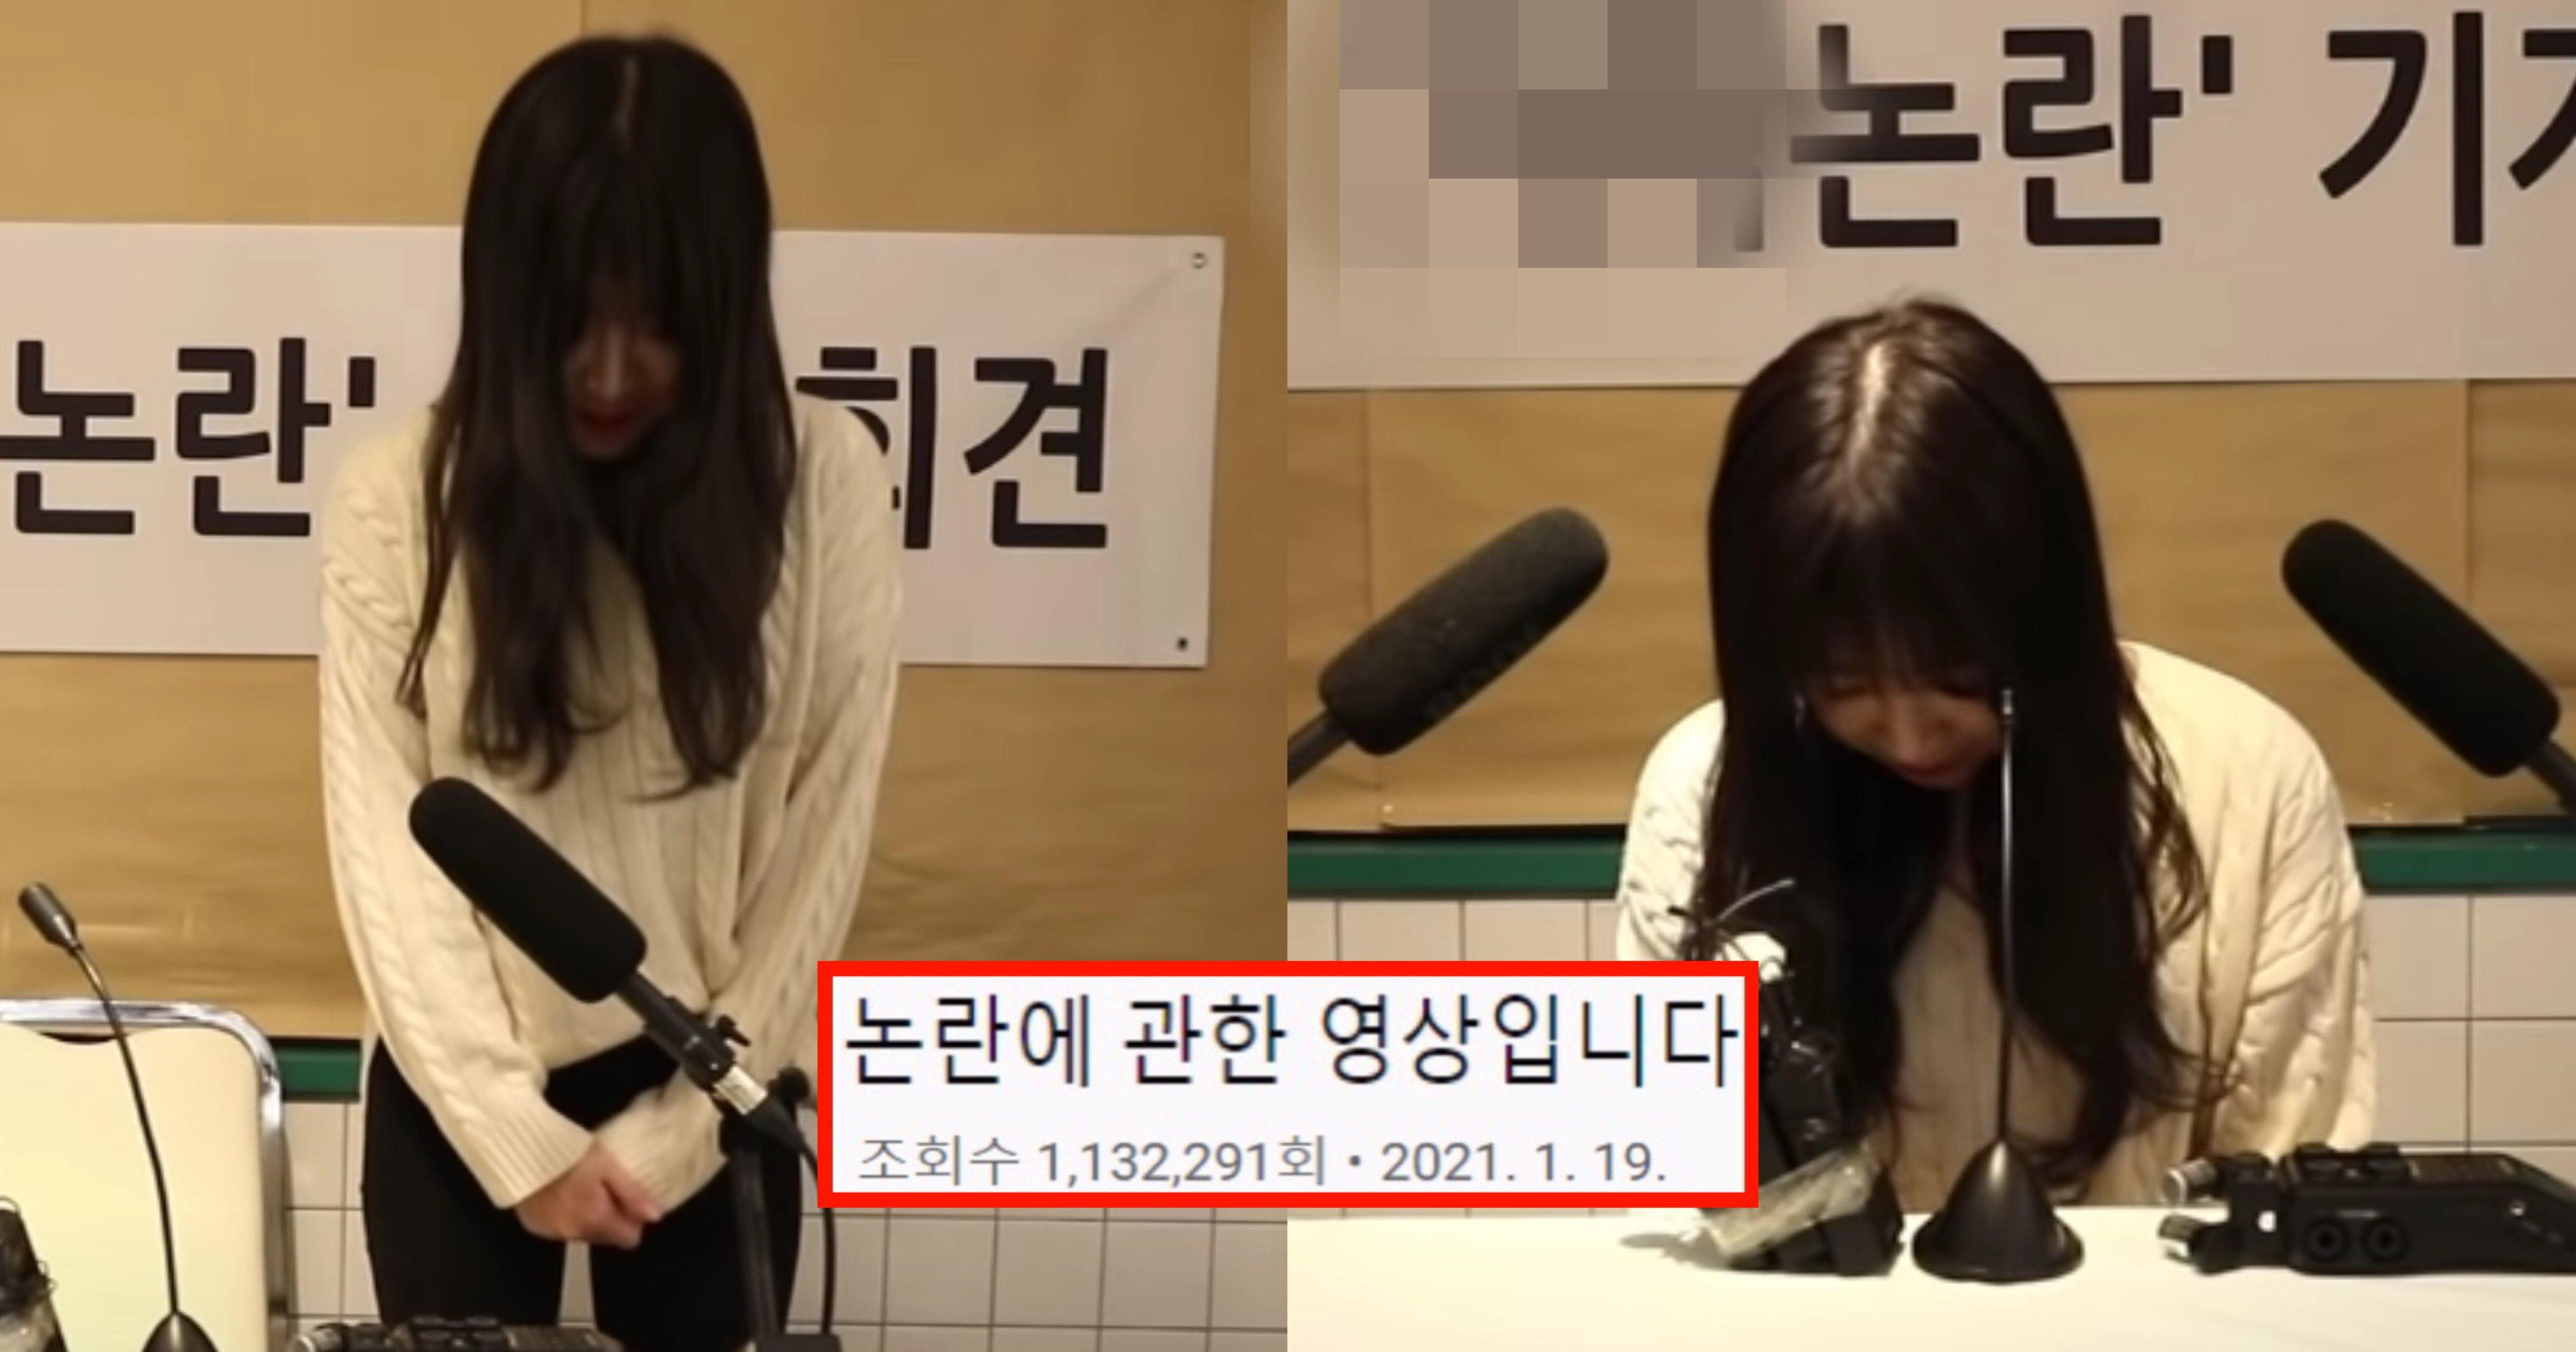 """kakaotalk 20210120 145926645.jpg?resize=412,232 - """"물의를 일으켜 죄송합니다""""...'쯔양' 기자회견열어 논란이 된 '이것'까지 해명(+영상)"""